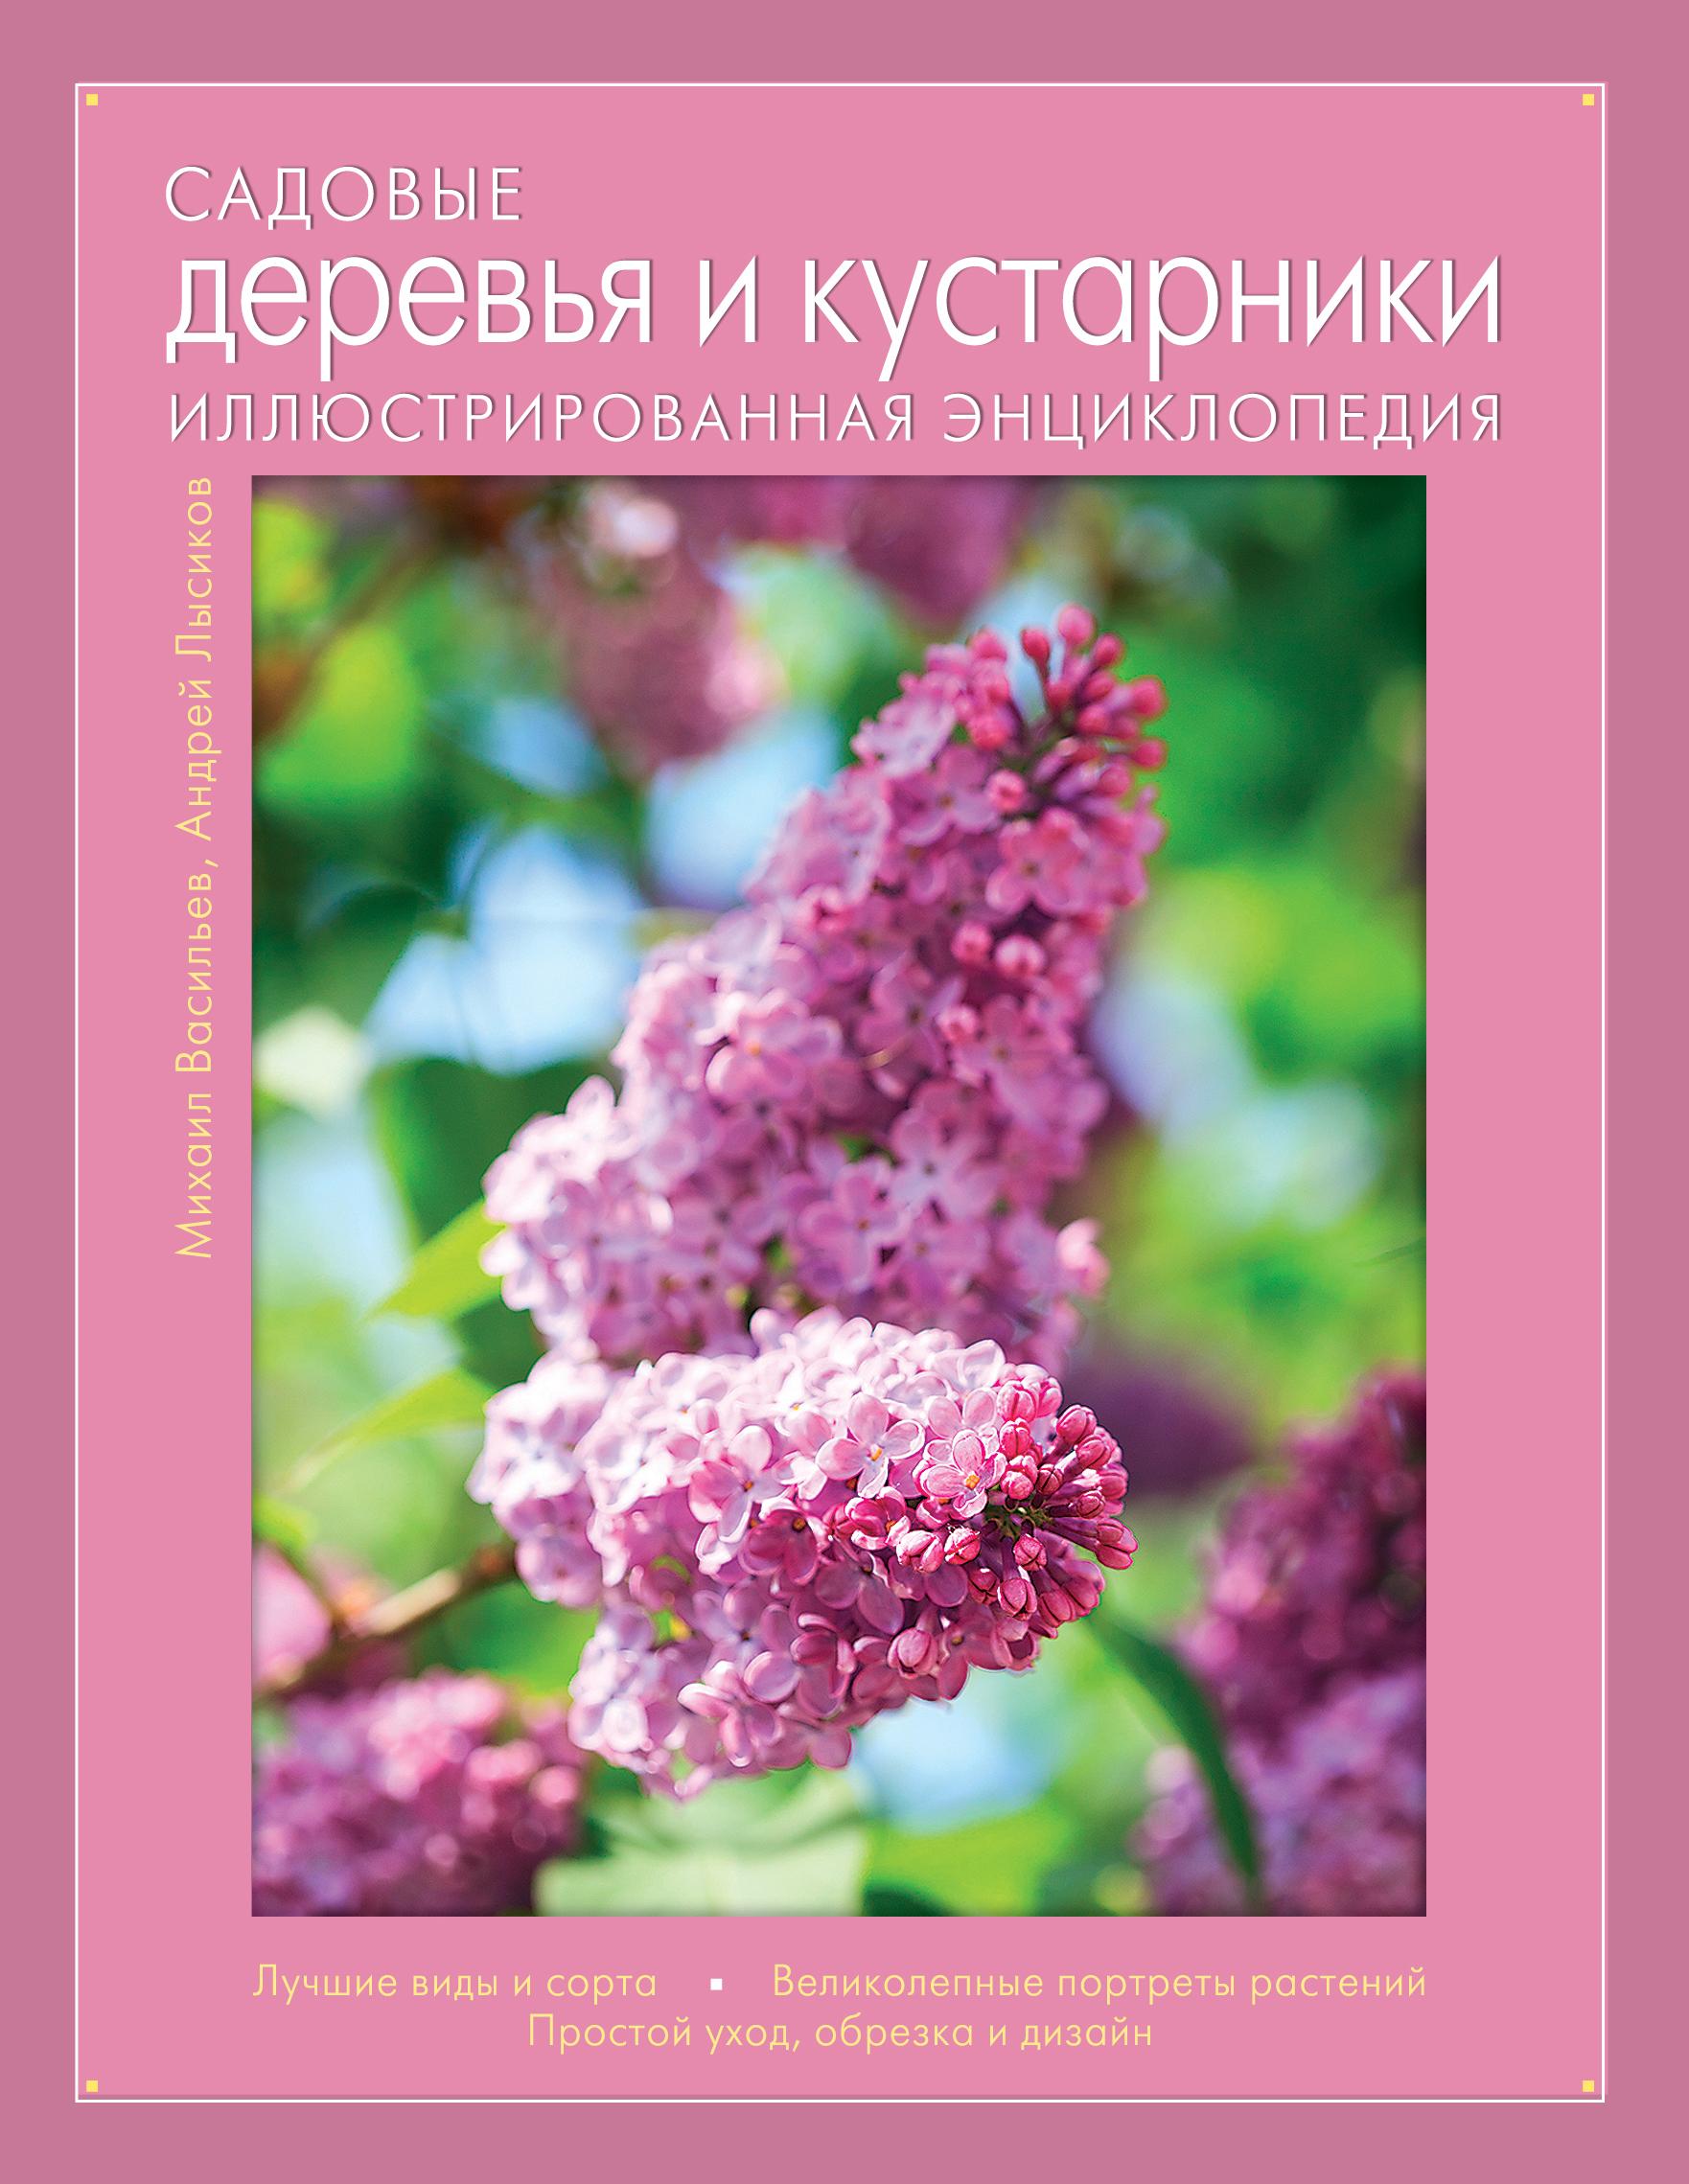 Садовые деревья и кустарники. Иллюстрированная энциклопедия (Книга для цветовода)